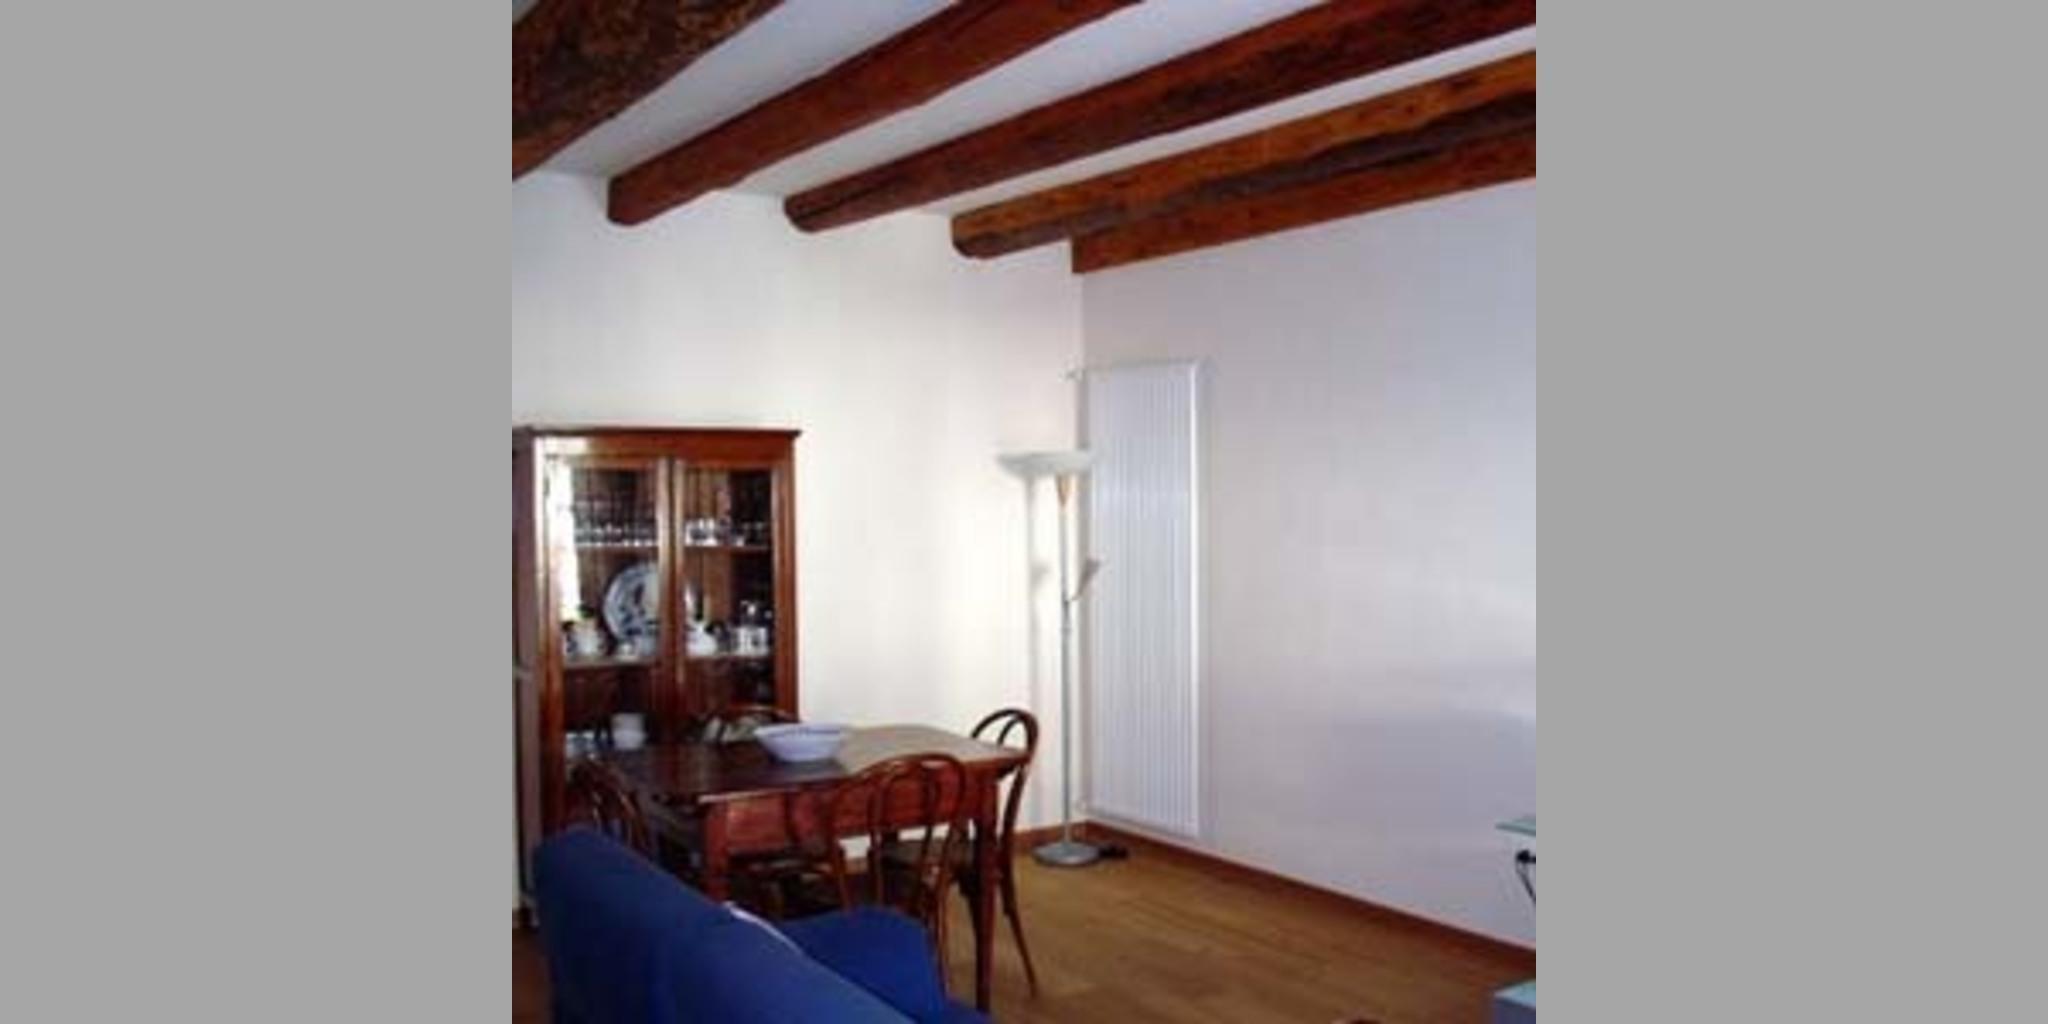 Appartamento San Nazario - Carpane'